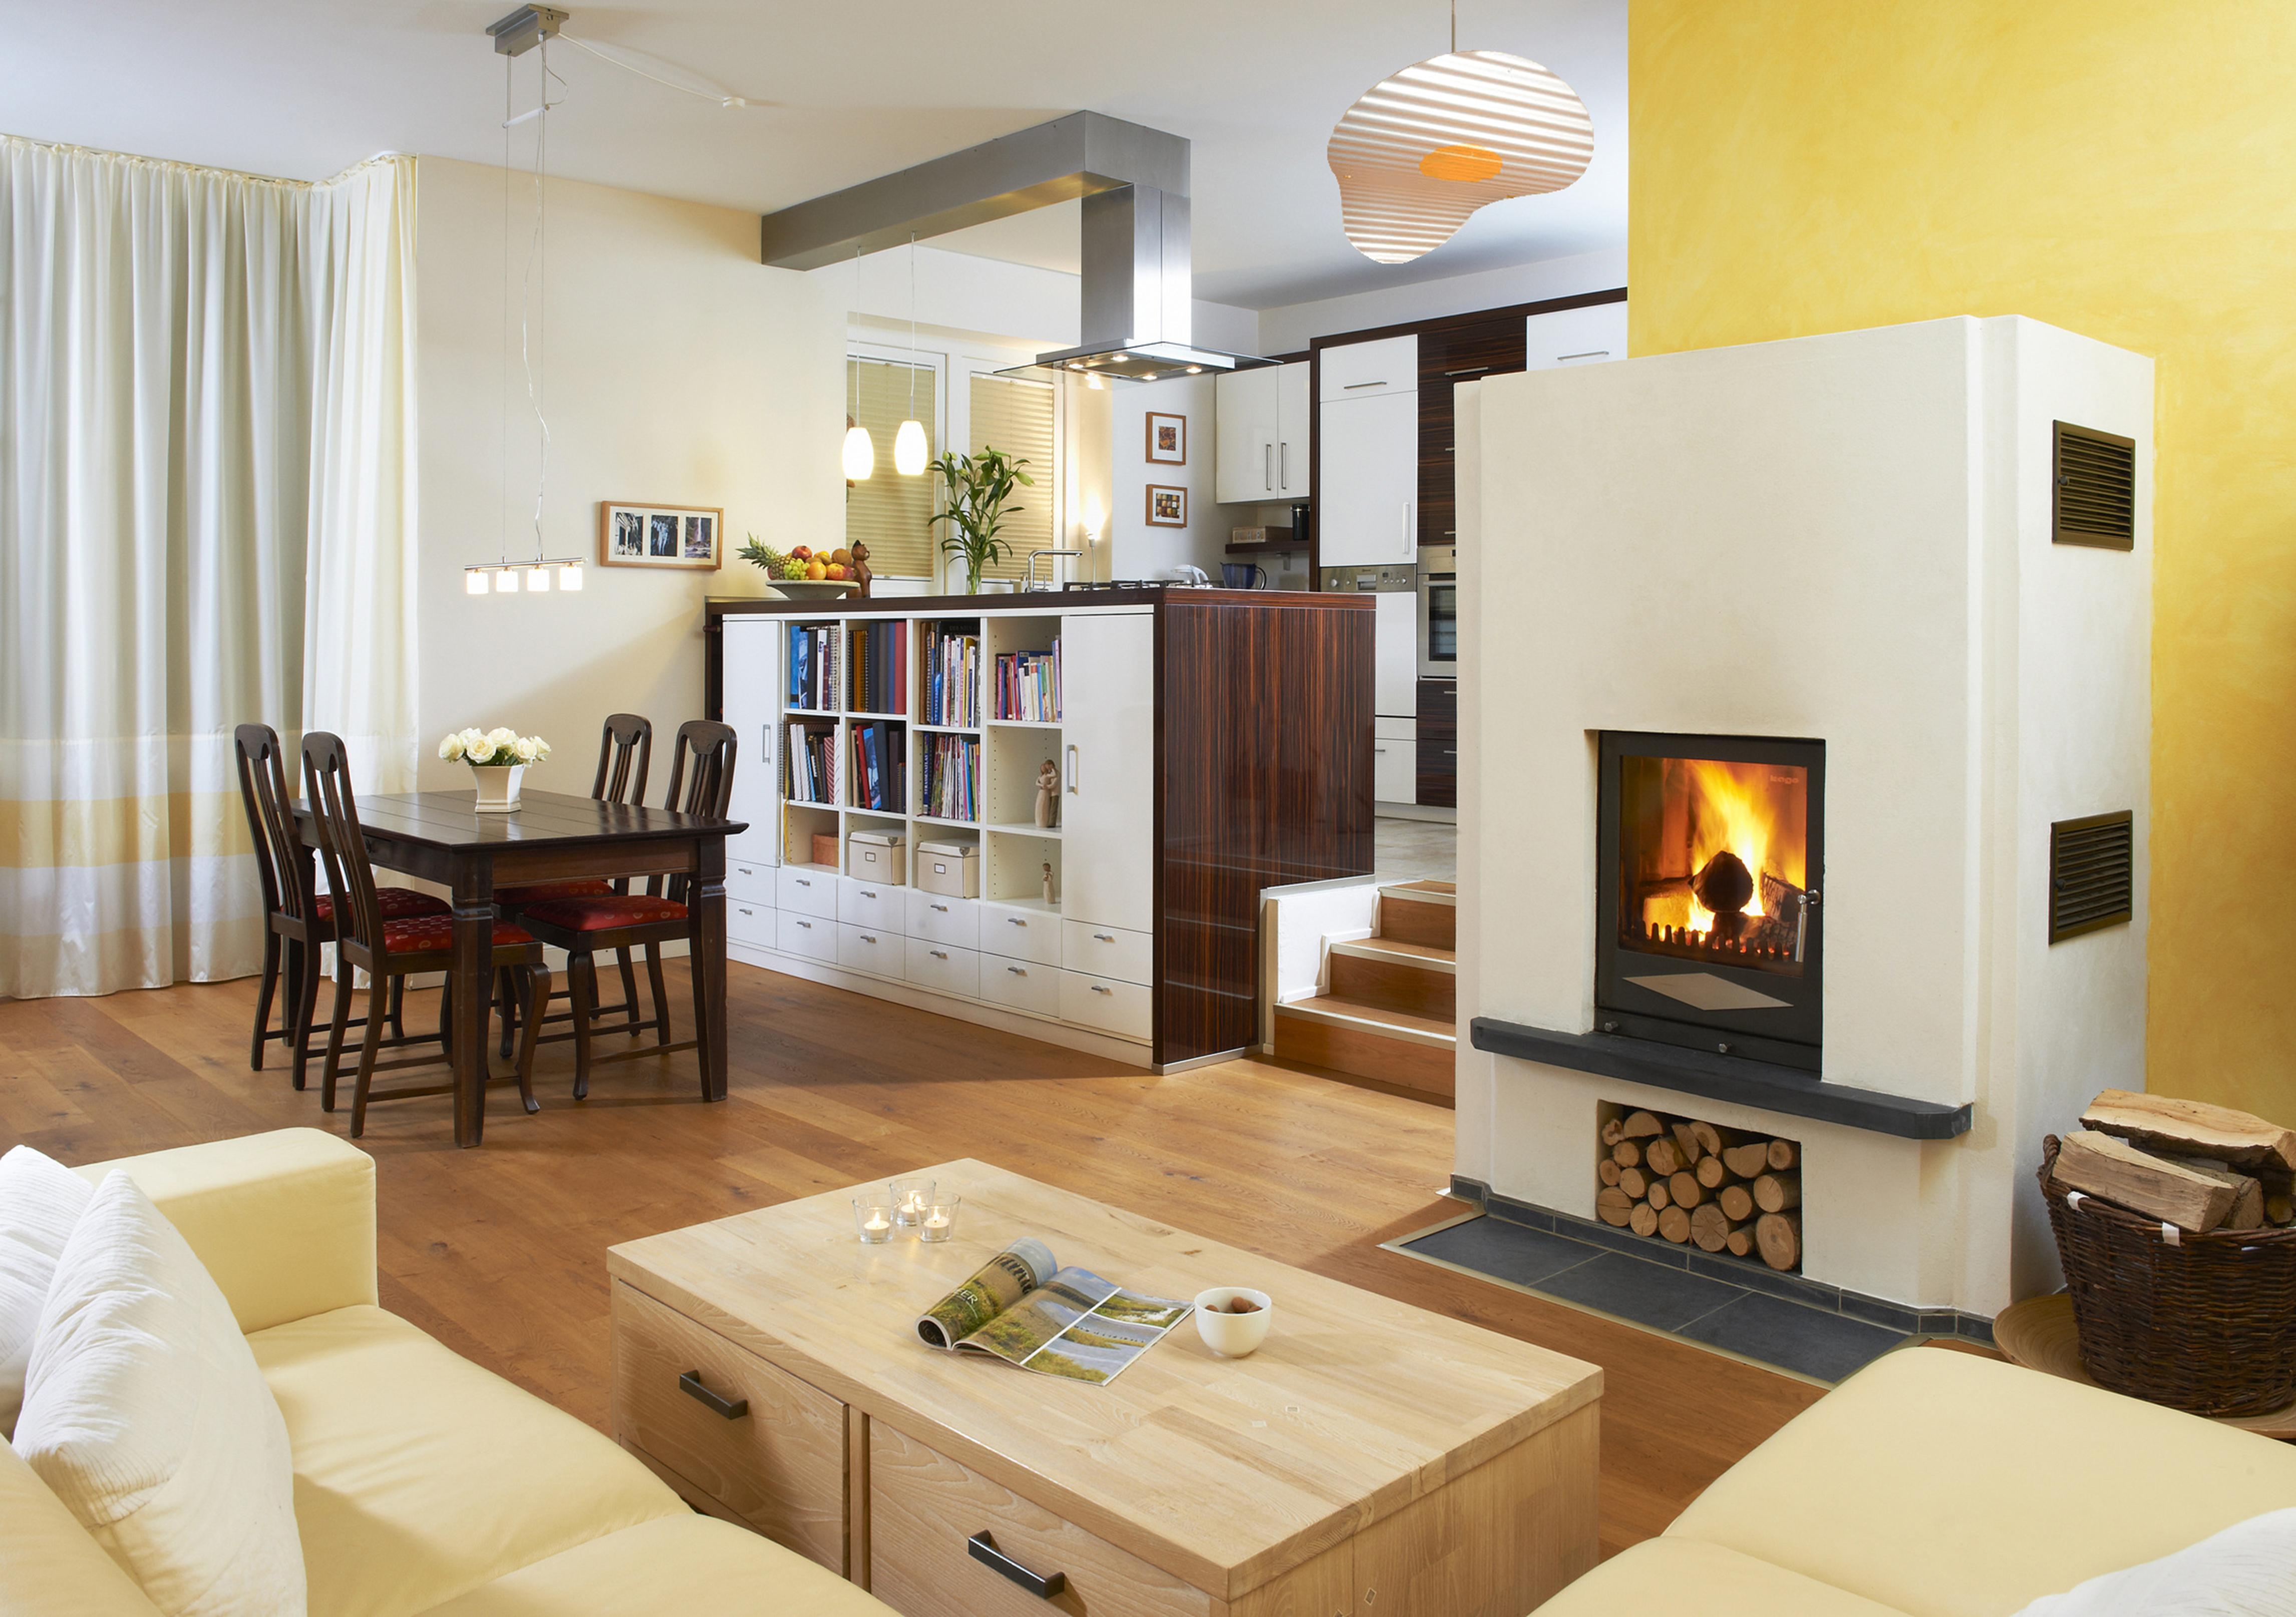 Kaminofen in Wohnzimmer - Küche